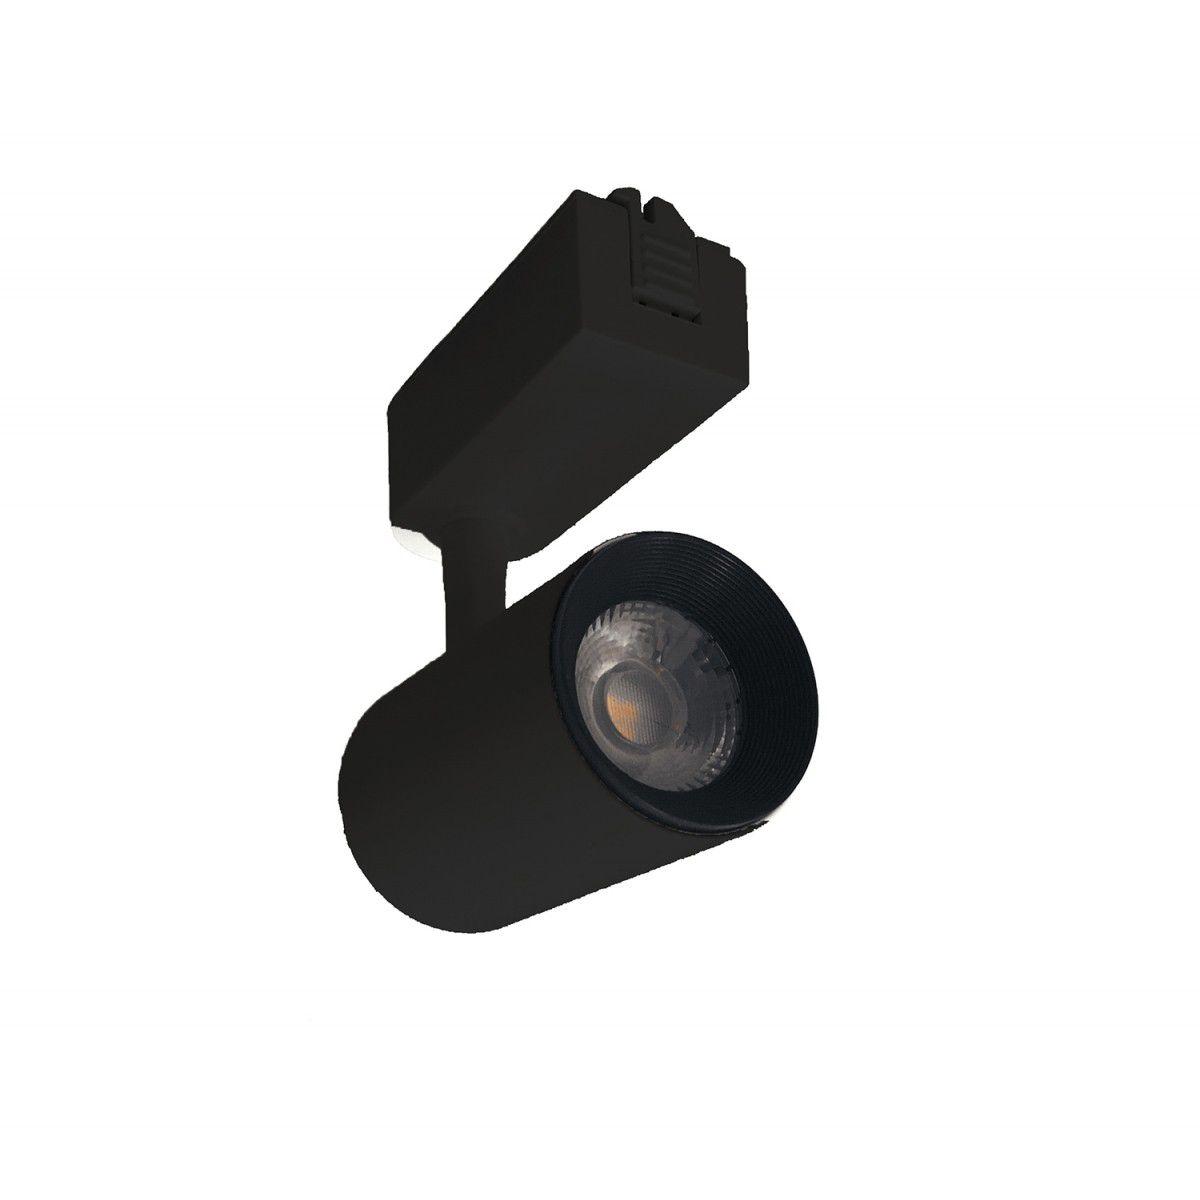 Kit Trilho Eletrificado 60CM + 3 Spots Preto LED 7W 6000K